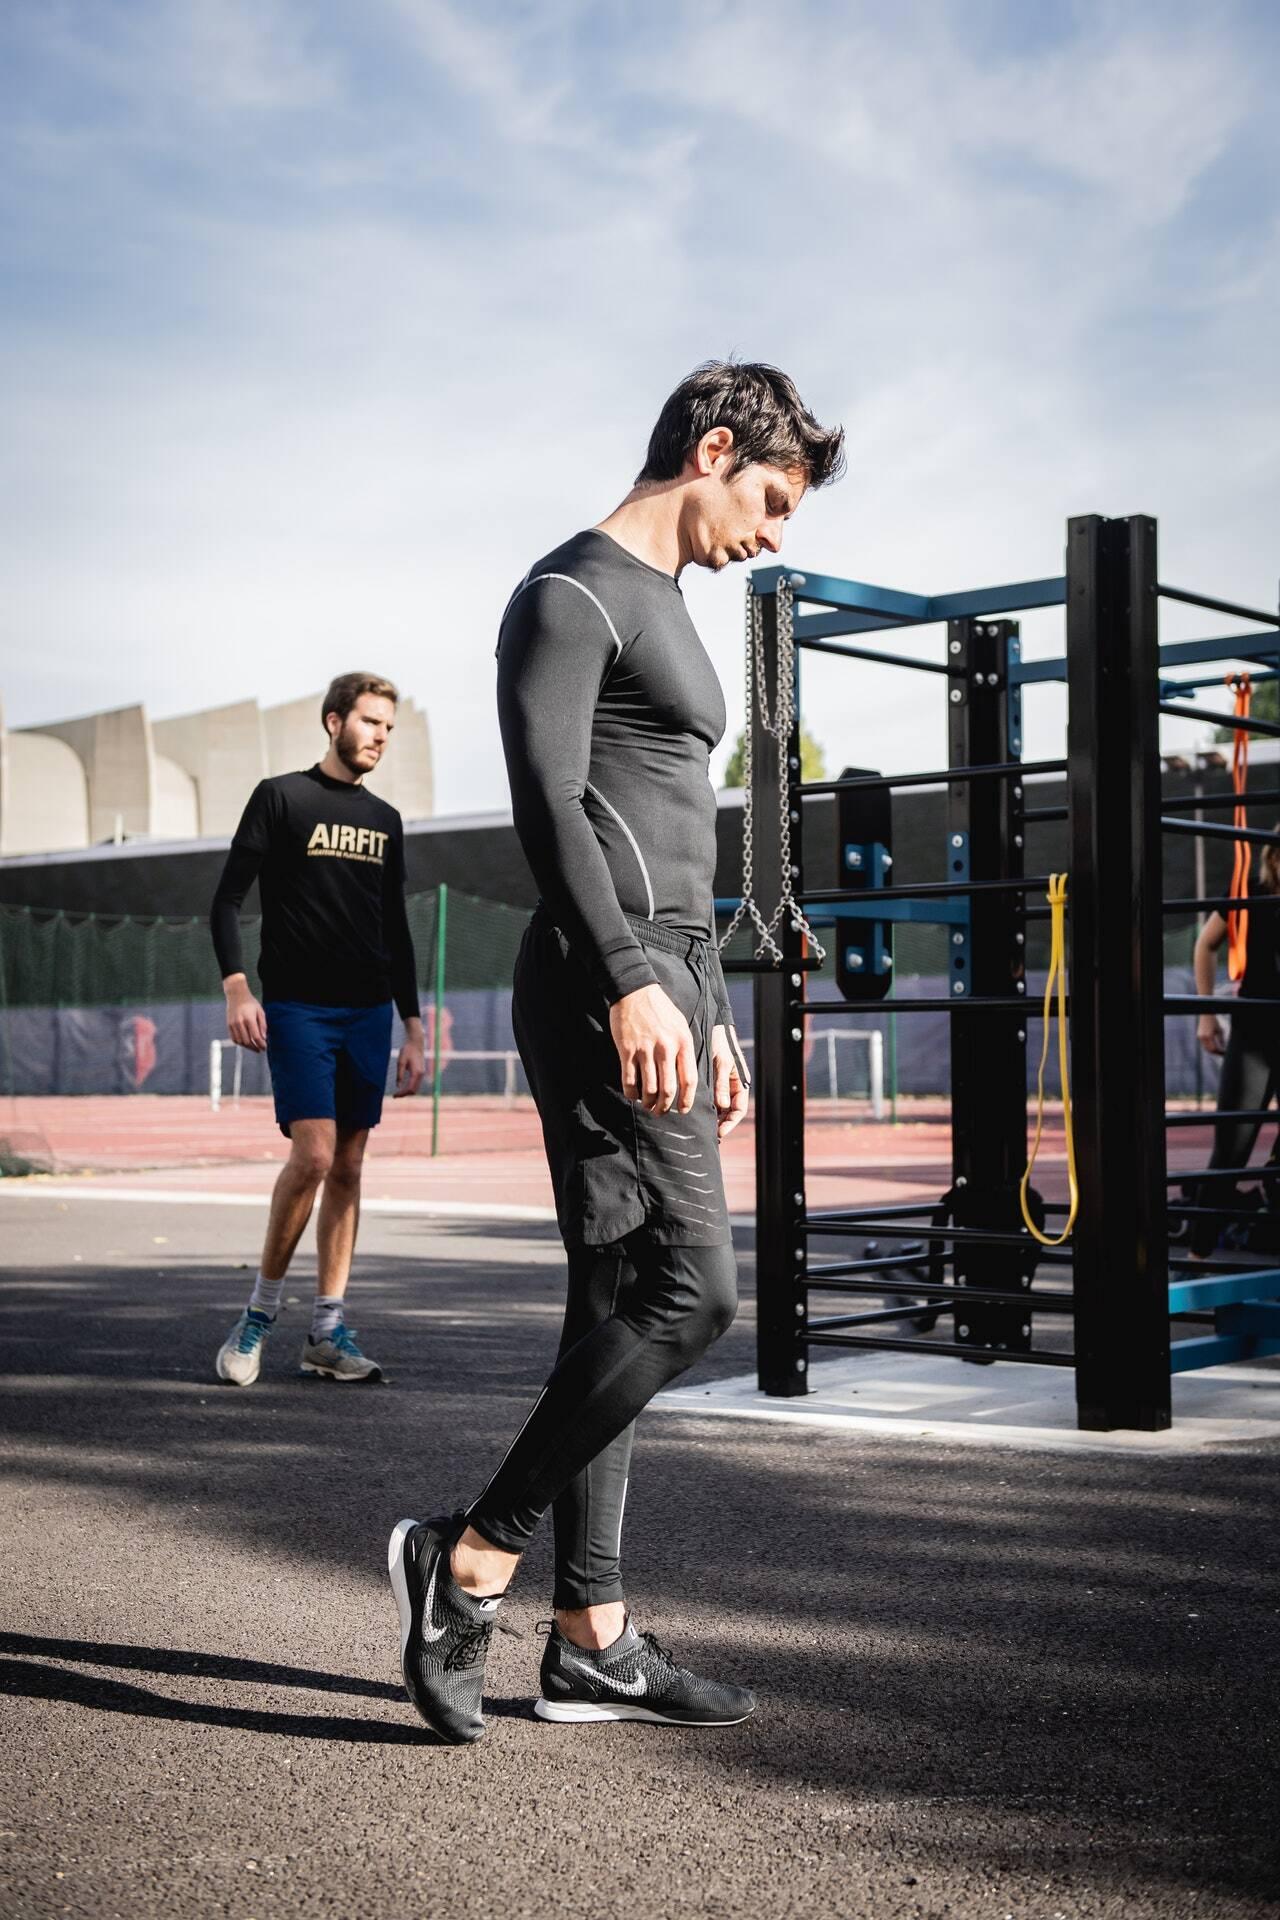 Este exercício é ideal para começar, será sempre eficaz e seguro. Basta colocar as palmas das mãos ou cotovelos no chão ou afastar ligeiramente as pernas para que fiquem alinhadas com os quadris. A ideia é sustentar o próprio peso, contraindo glúteos, coxas e abdômen. Você pode resistir de 15 segundos a 1 minuto. (Foto: Pexels)